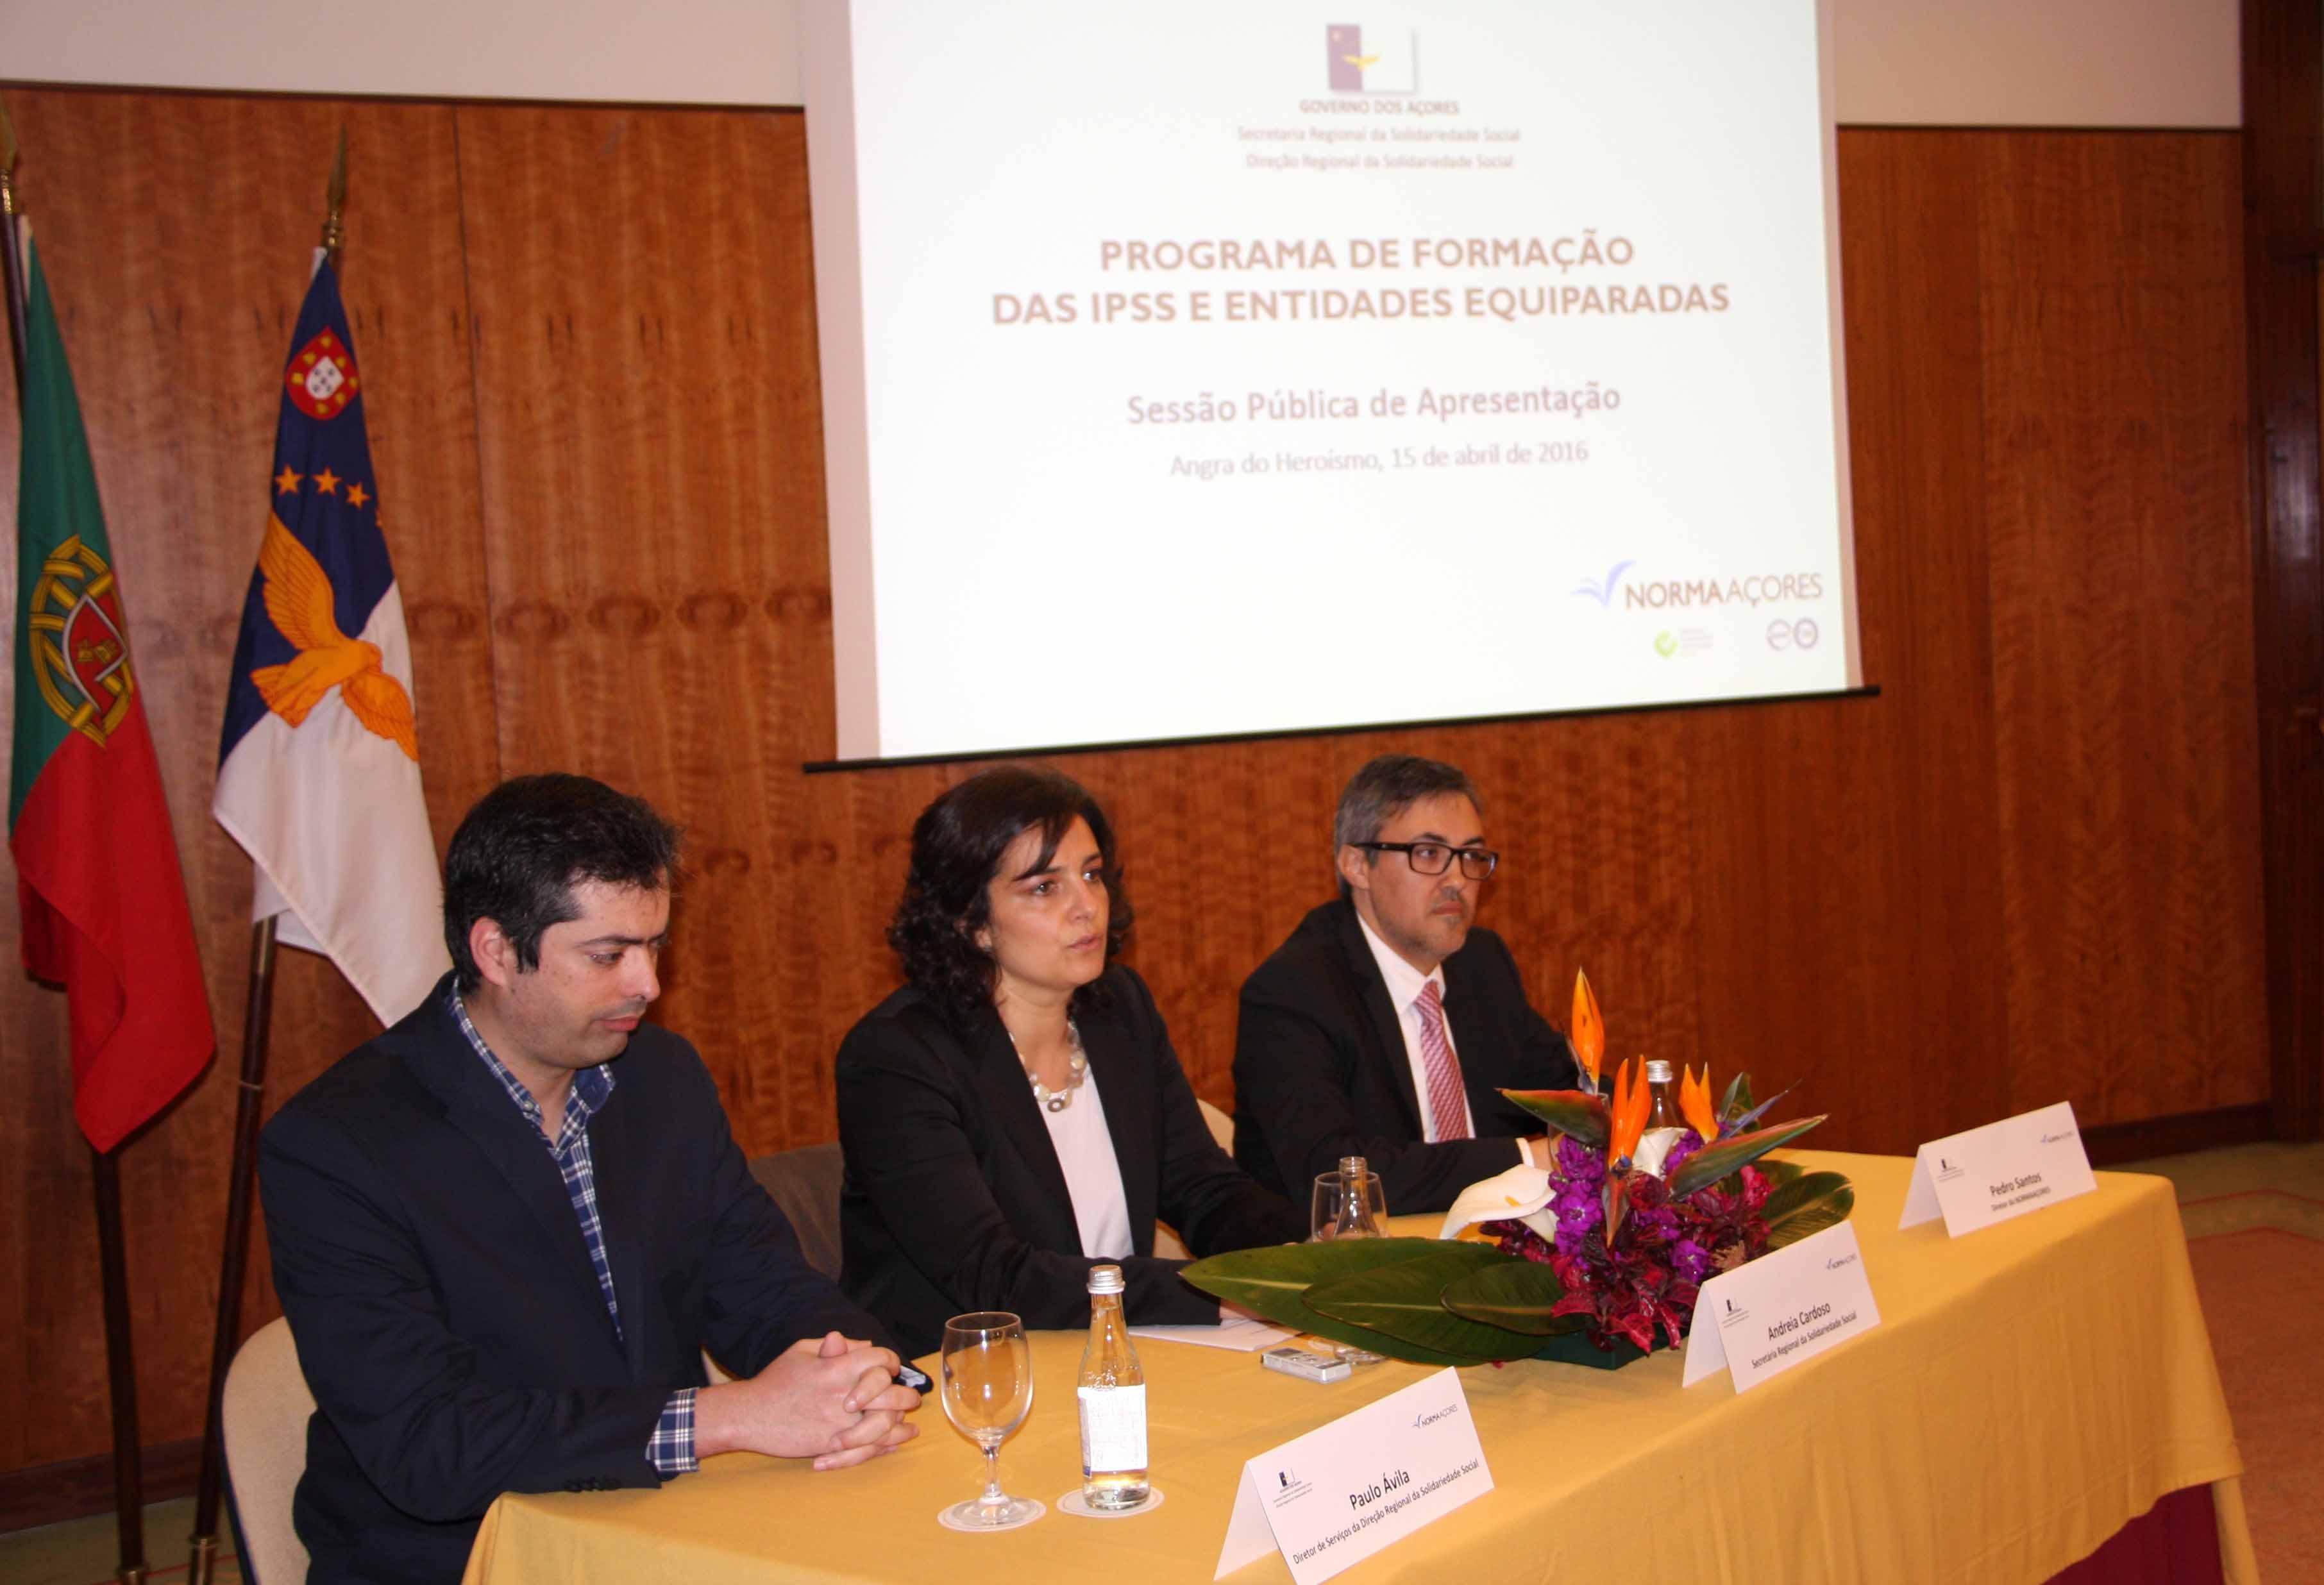 Governo dos Açores garante participação de todas as ilhas na formação das IPSS